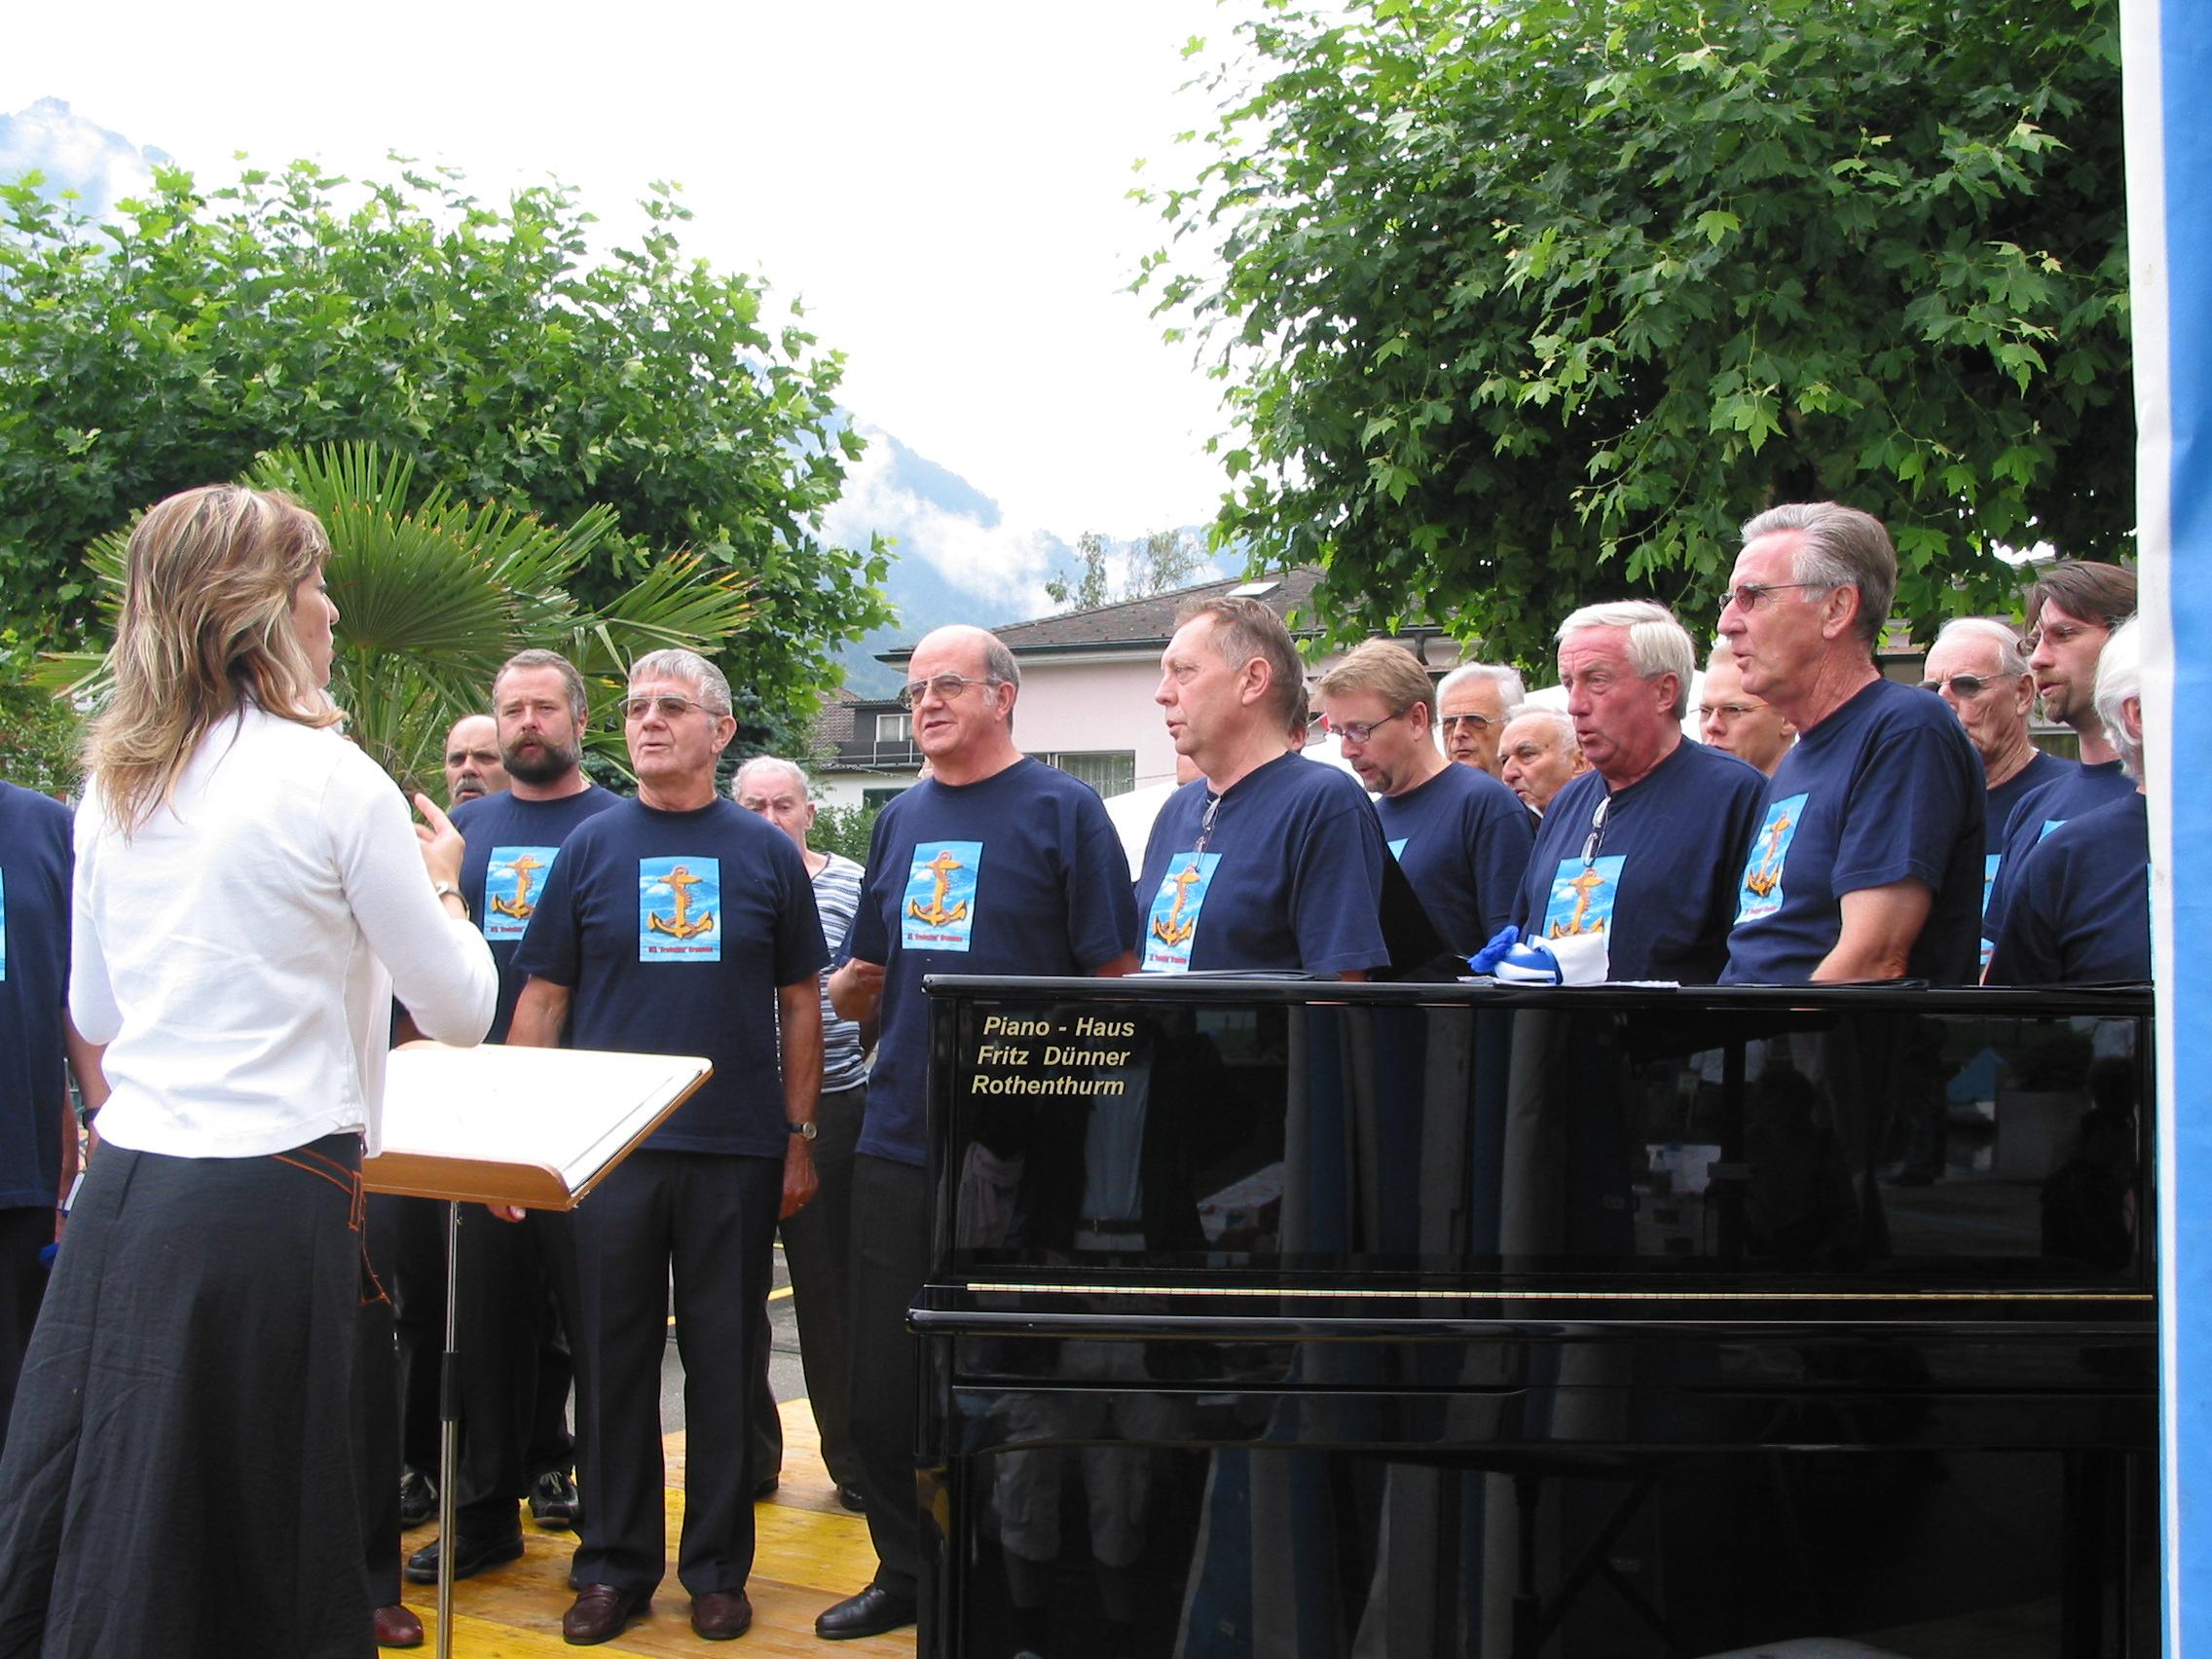 igf-hafenfest-brunnen-2005-05